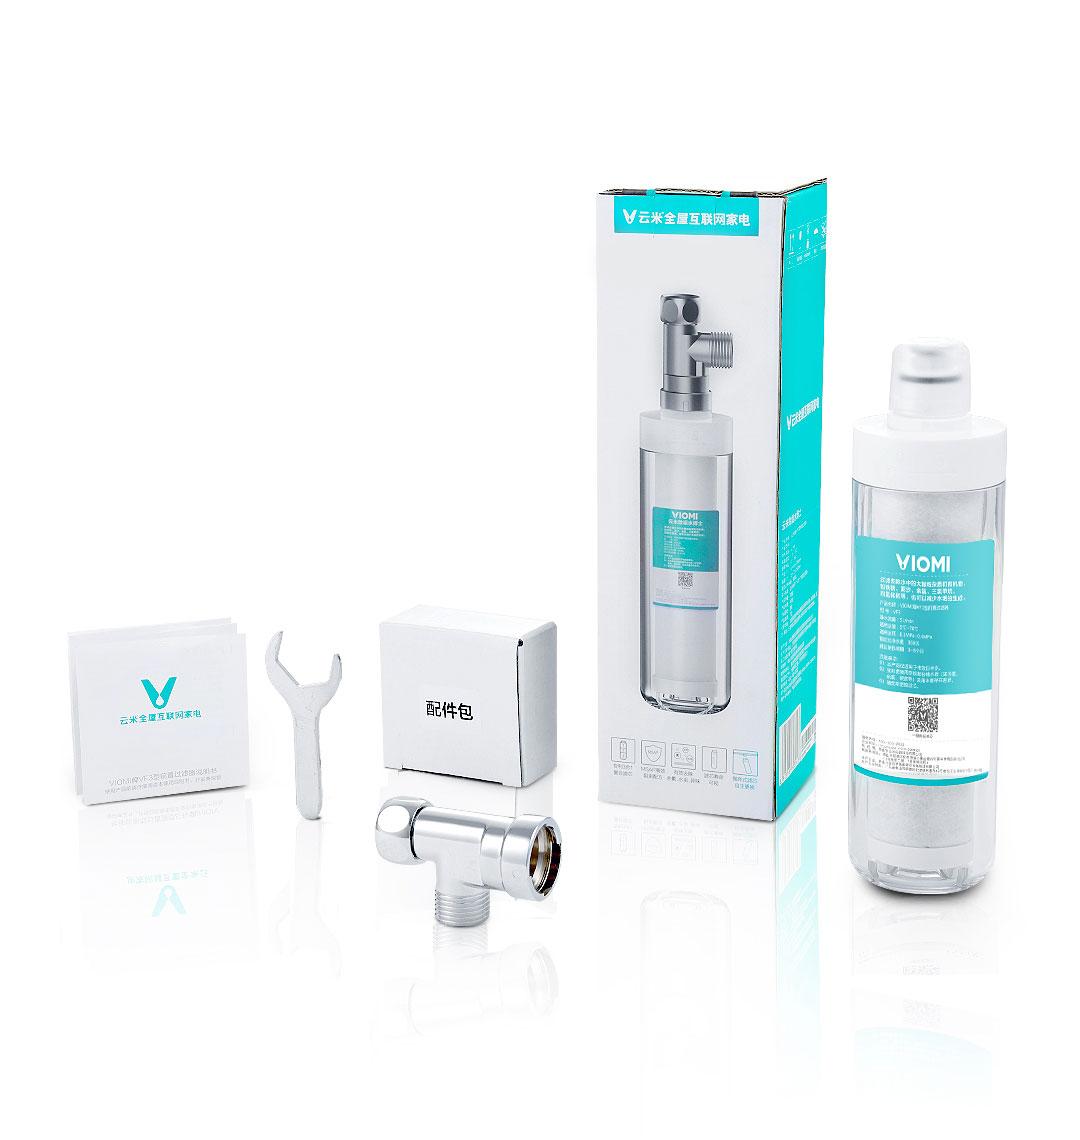 Фильтр для предварительной очистки воды Viomi